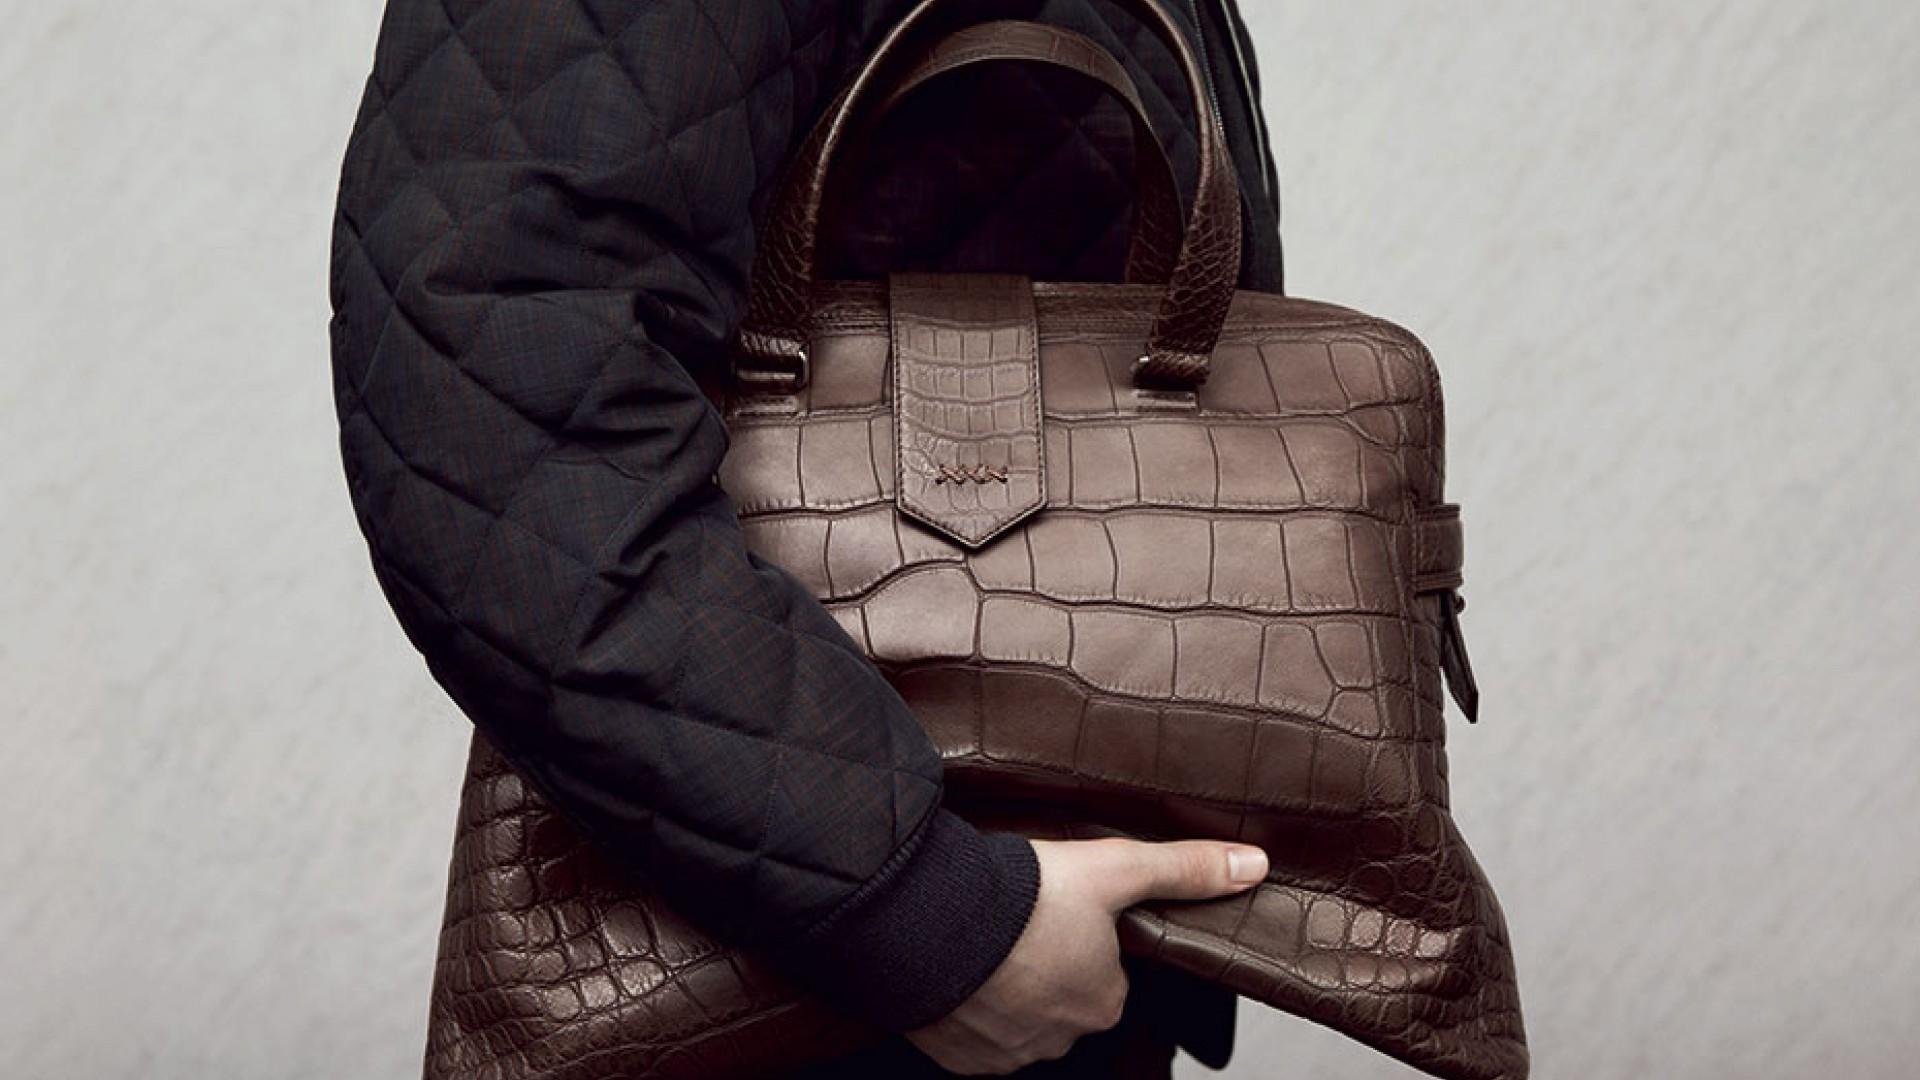 f0e53bc171e68 Couture man bags from Ermenegildo Zegna | Square Mile